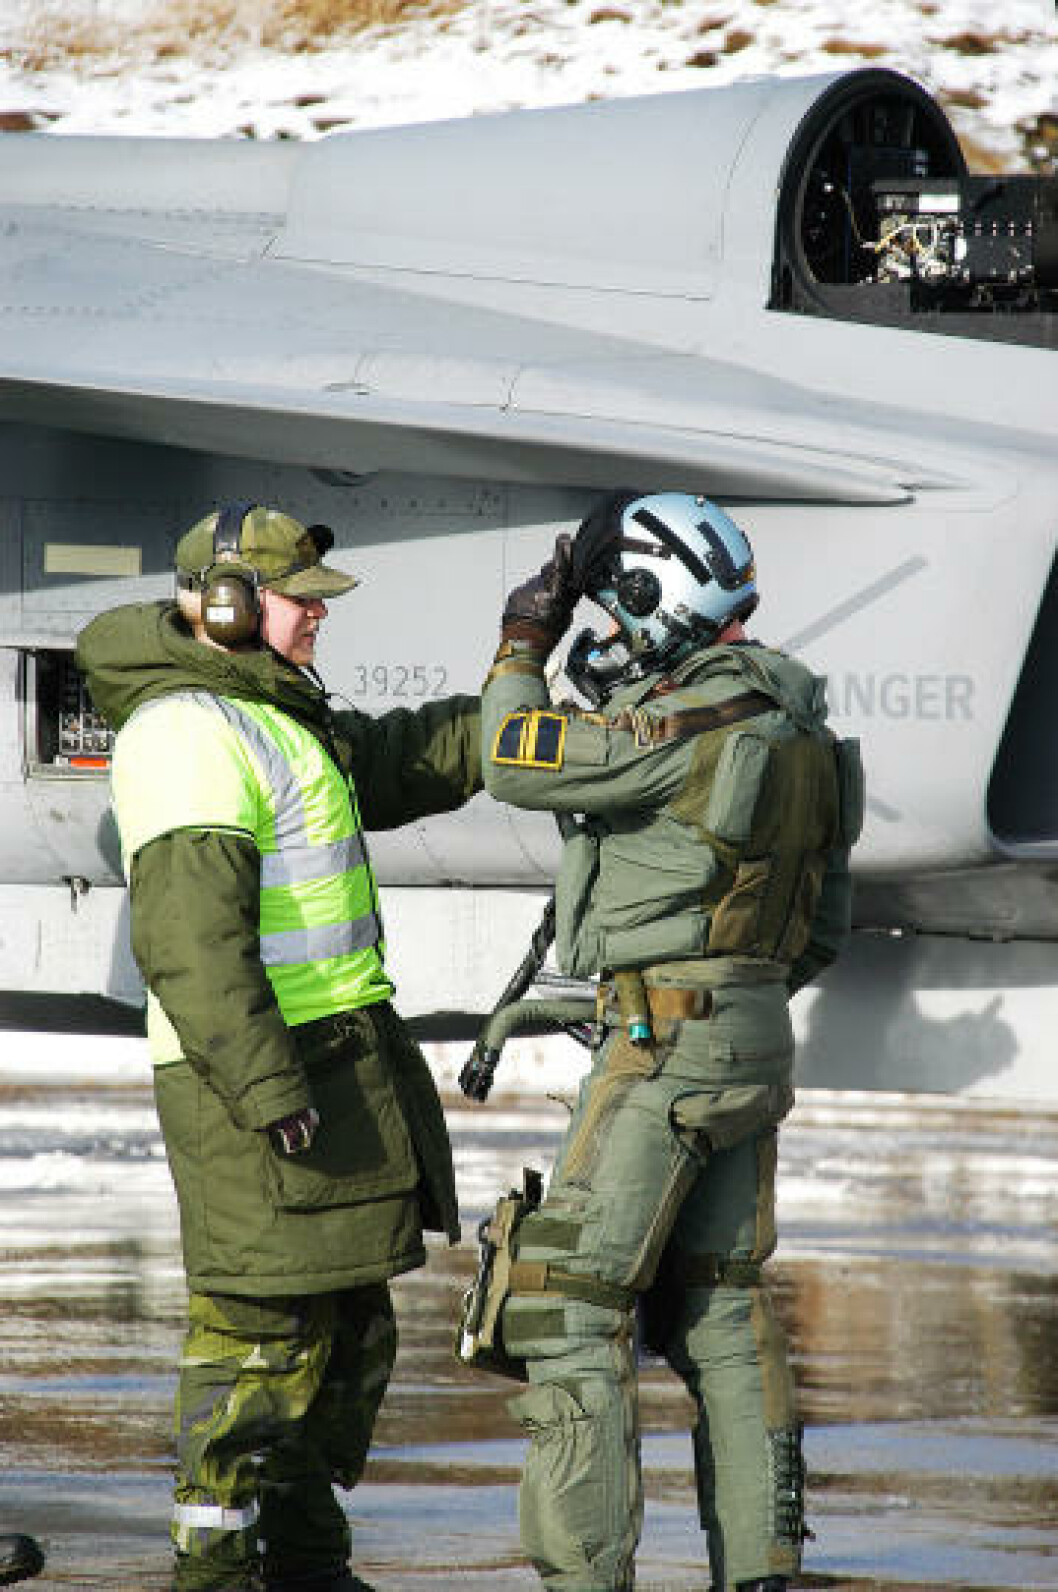 Svensk JAS Gripen jagerfly på Bodø hovedflystasjon. Foto: Ove Ronny Haraldsen/Forsvaret